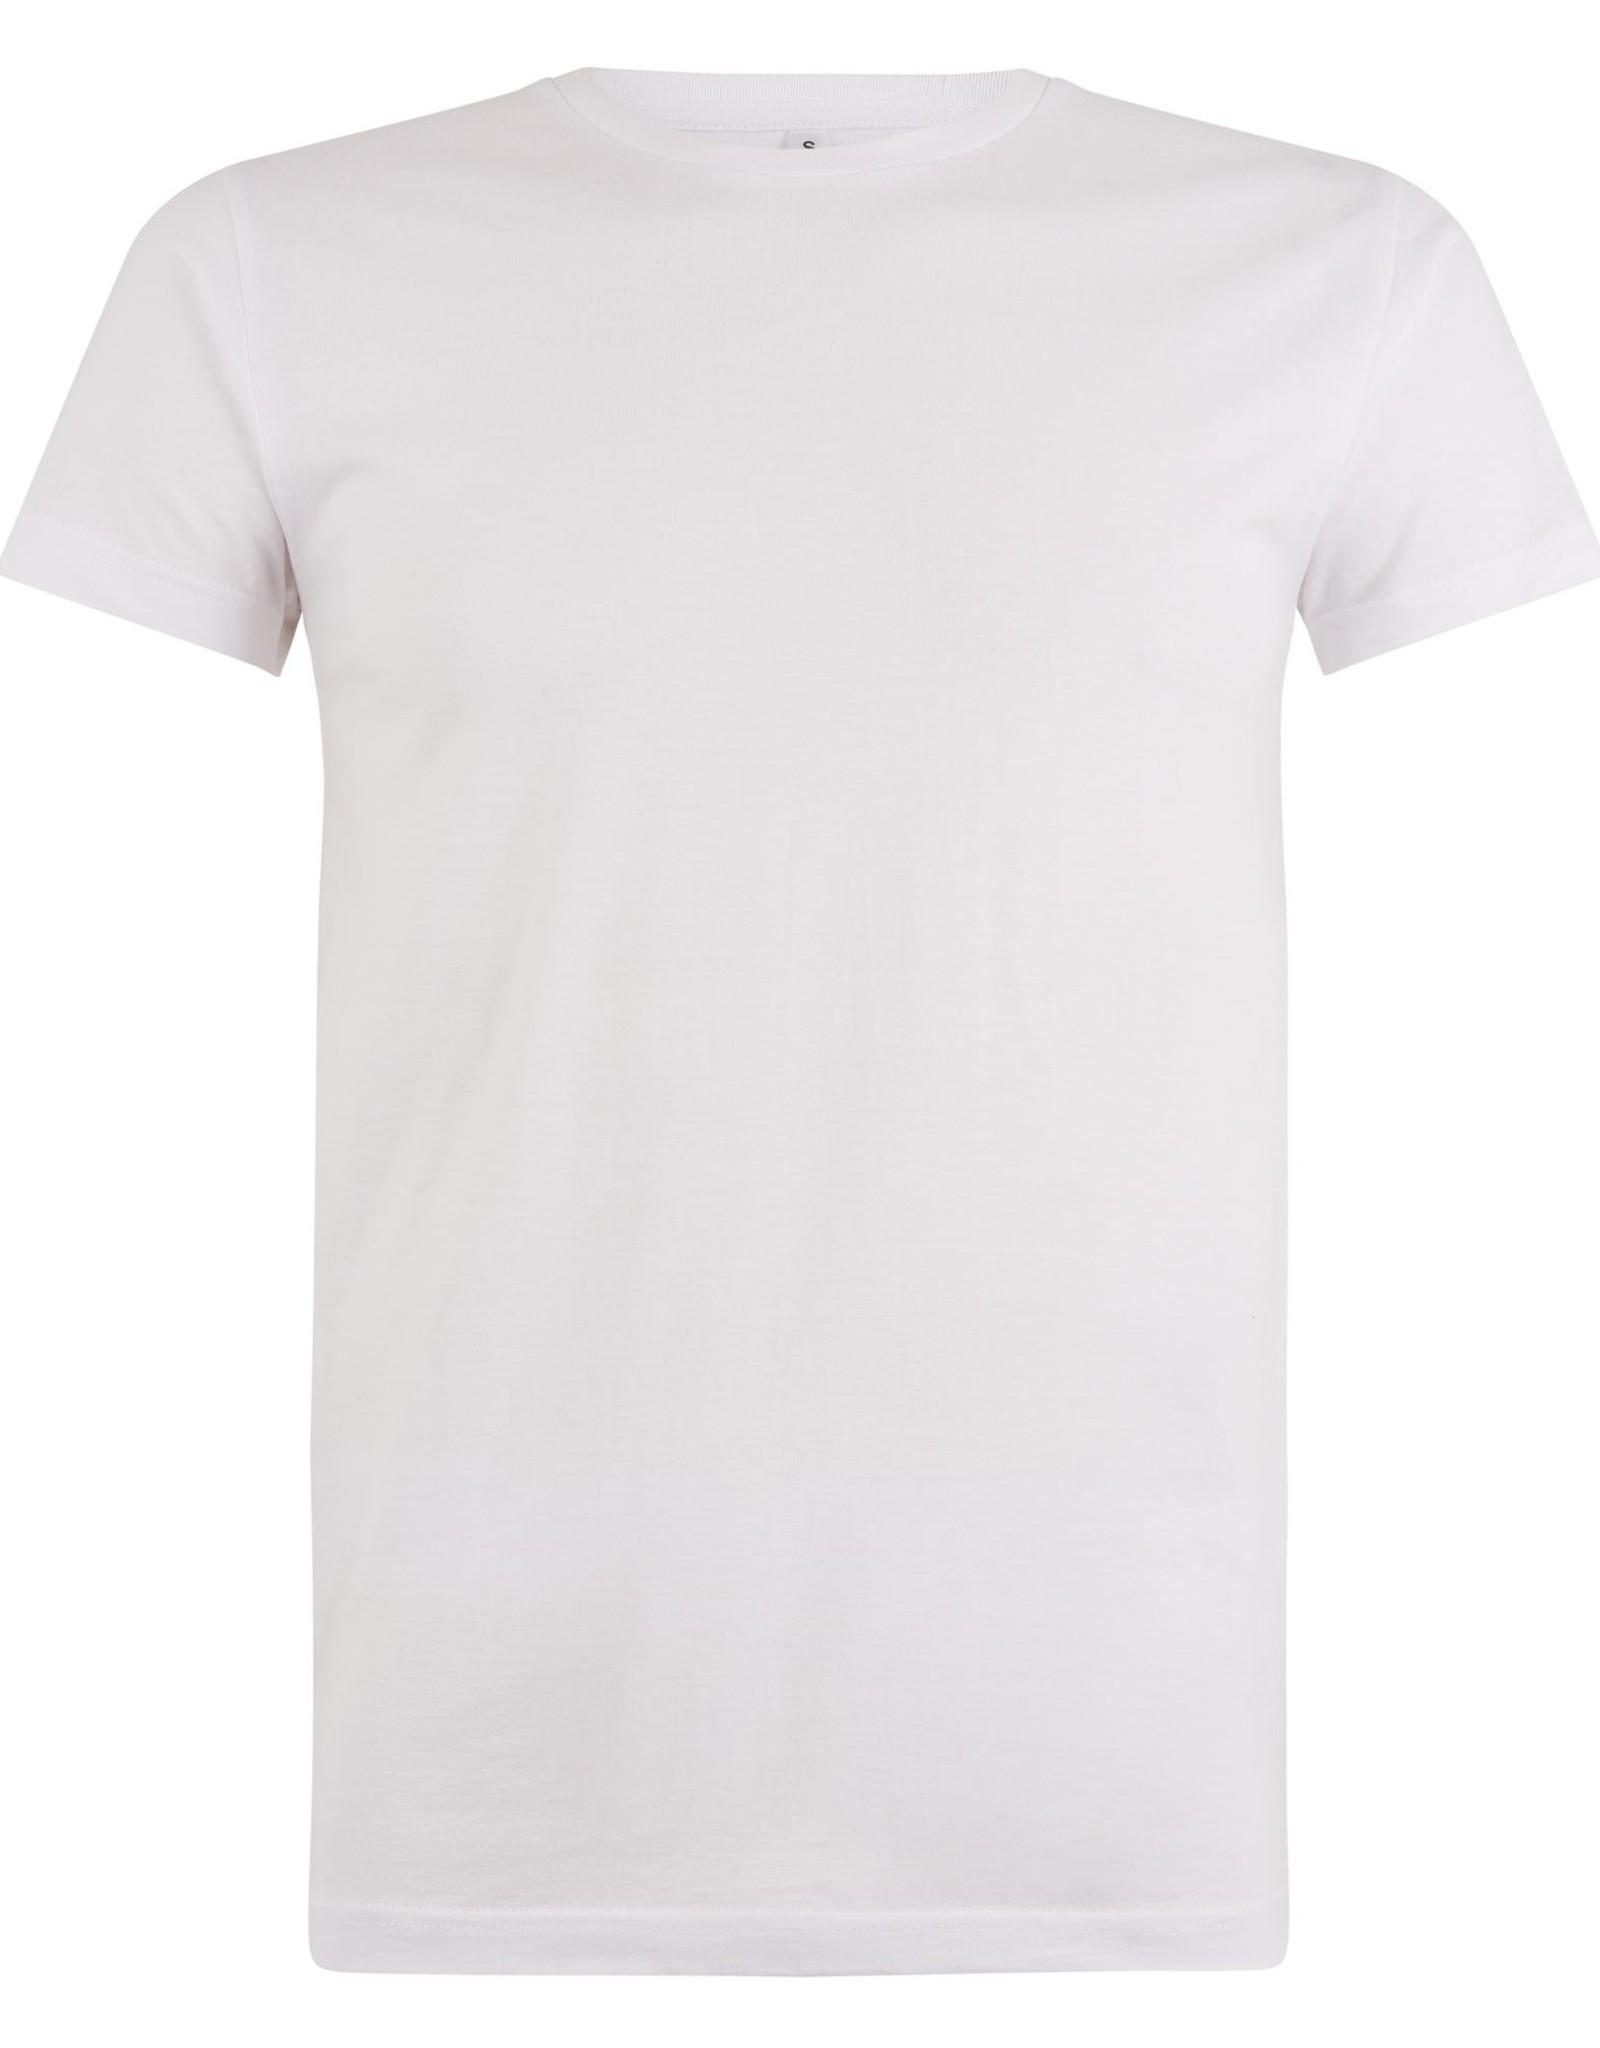 Logostar T-SHIRT basic met ronde hals wit